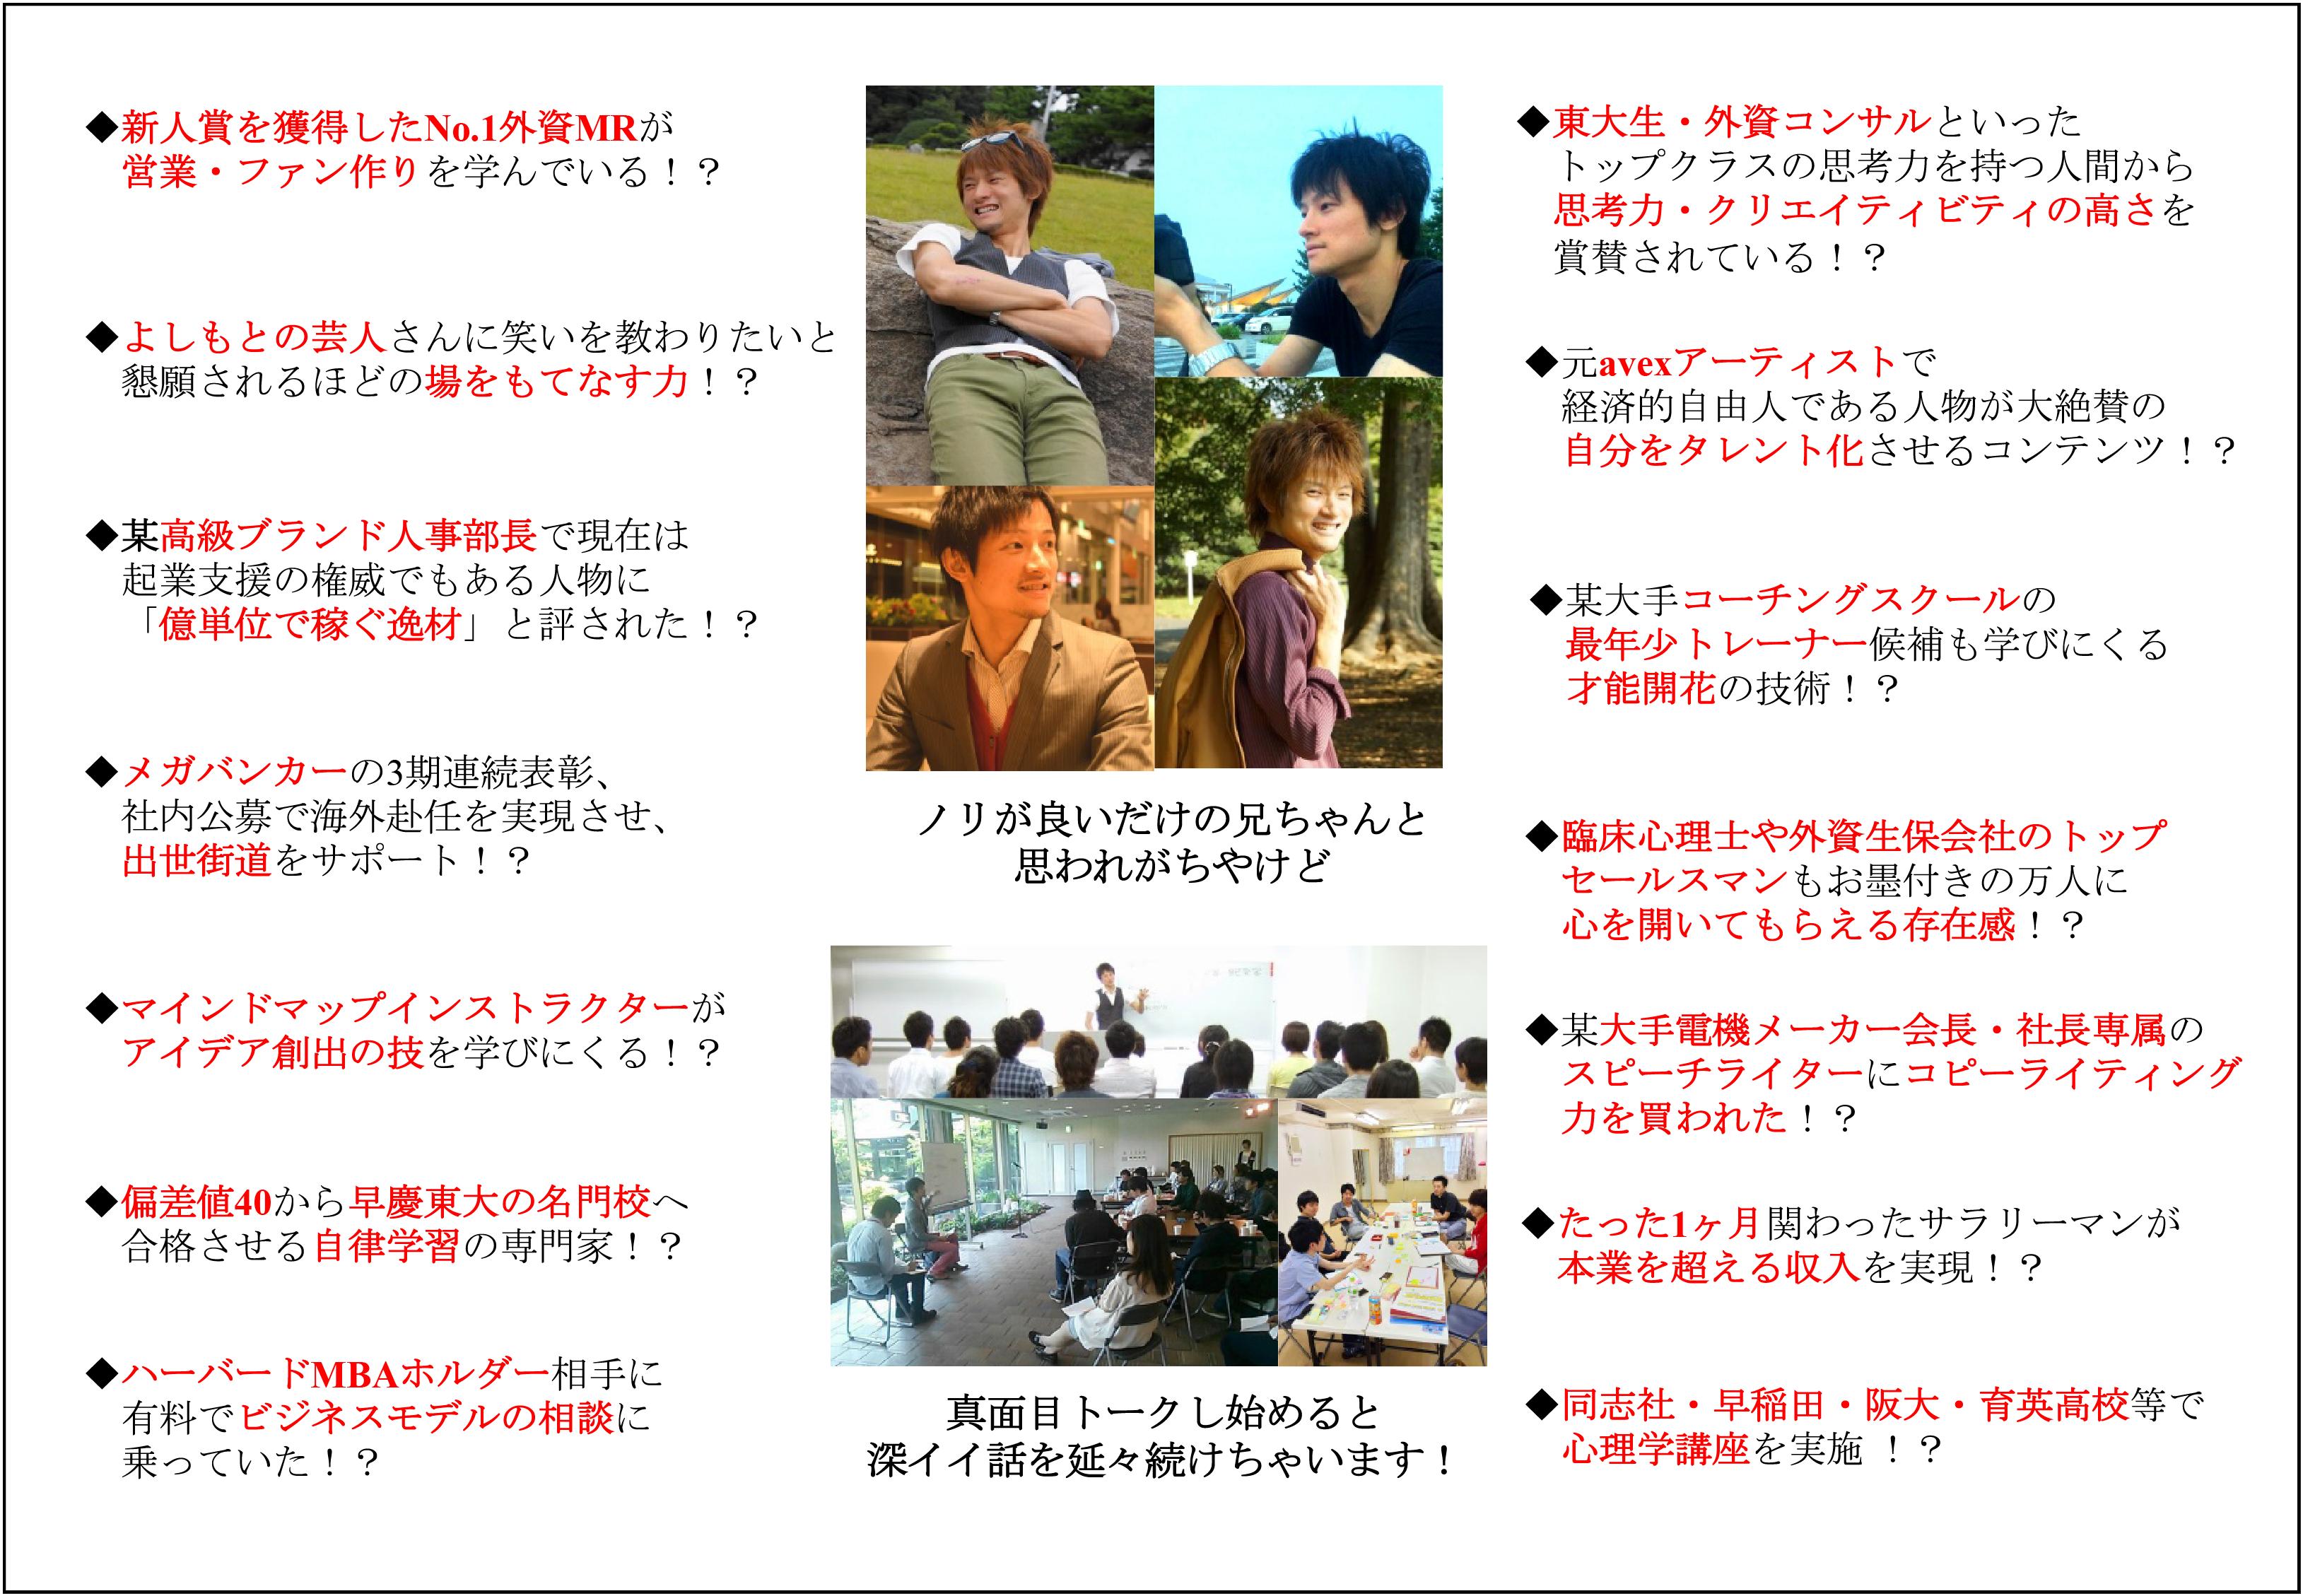 自己紹介フライヤーmac修正×A4拡大版2